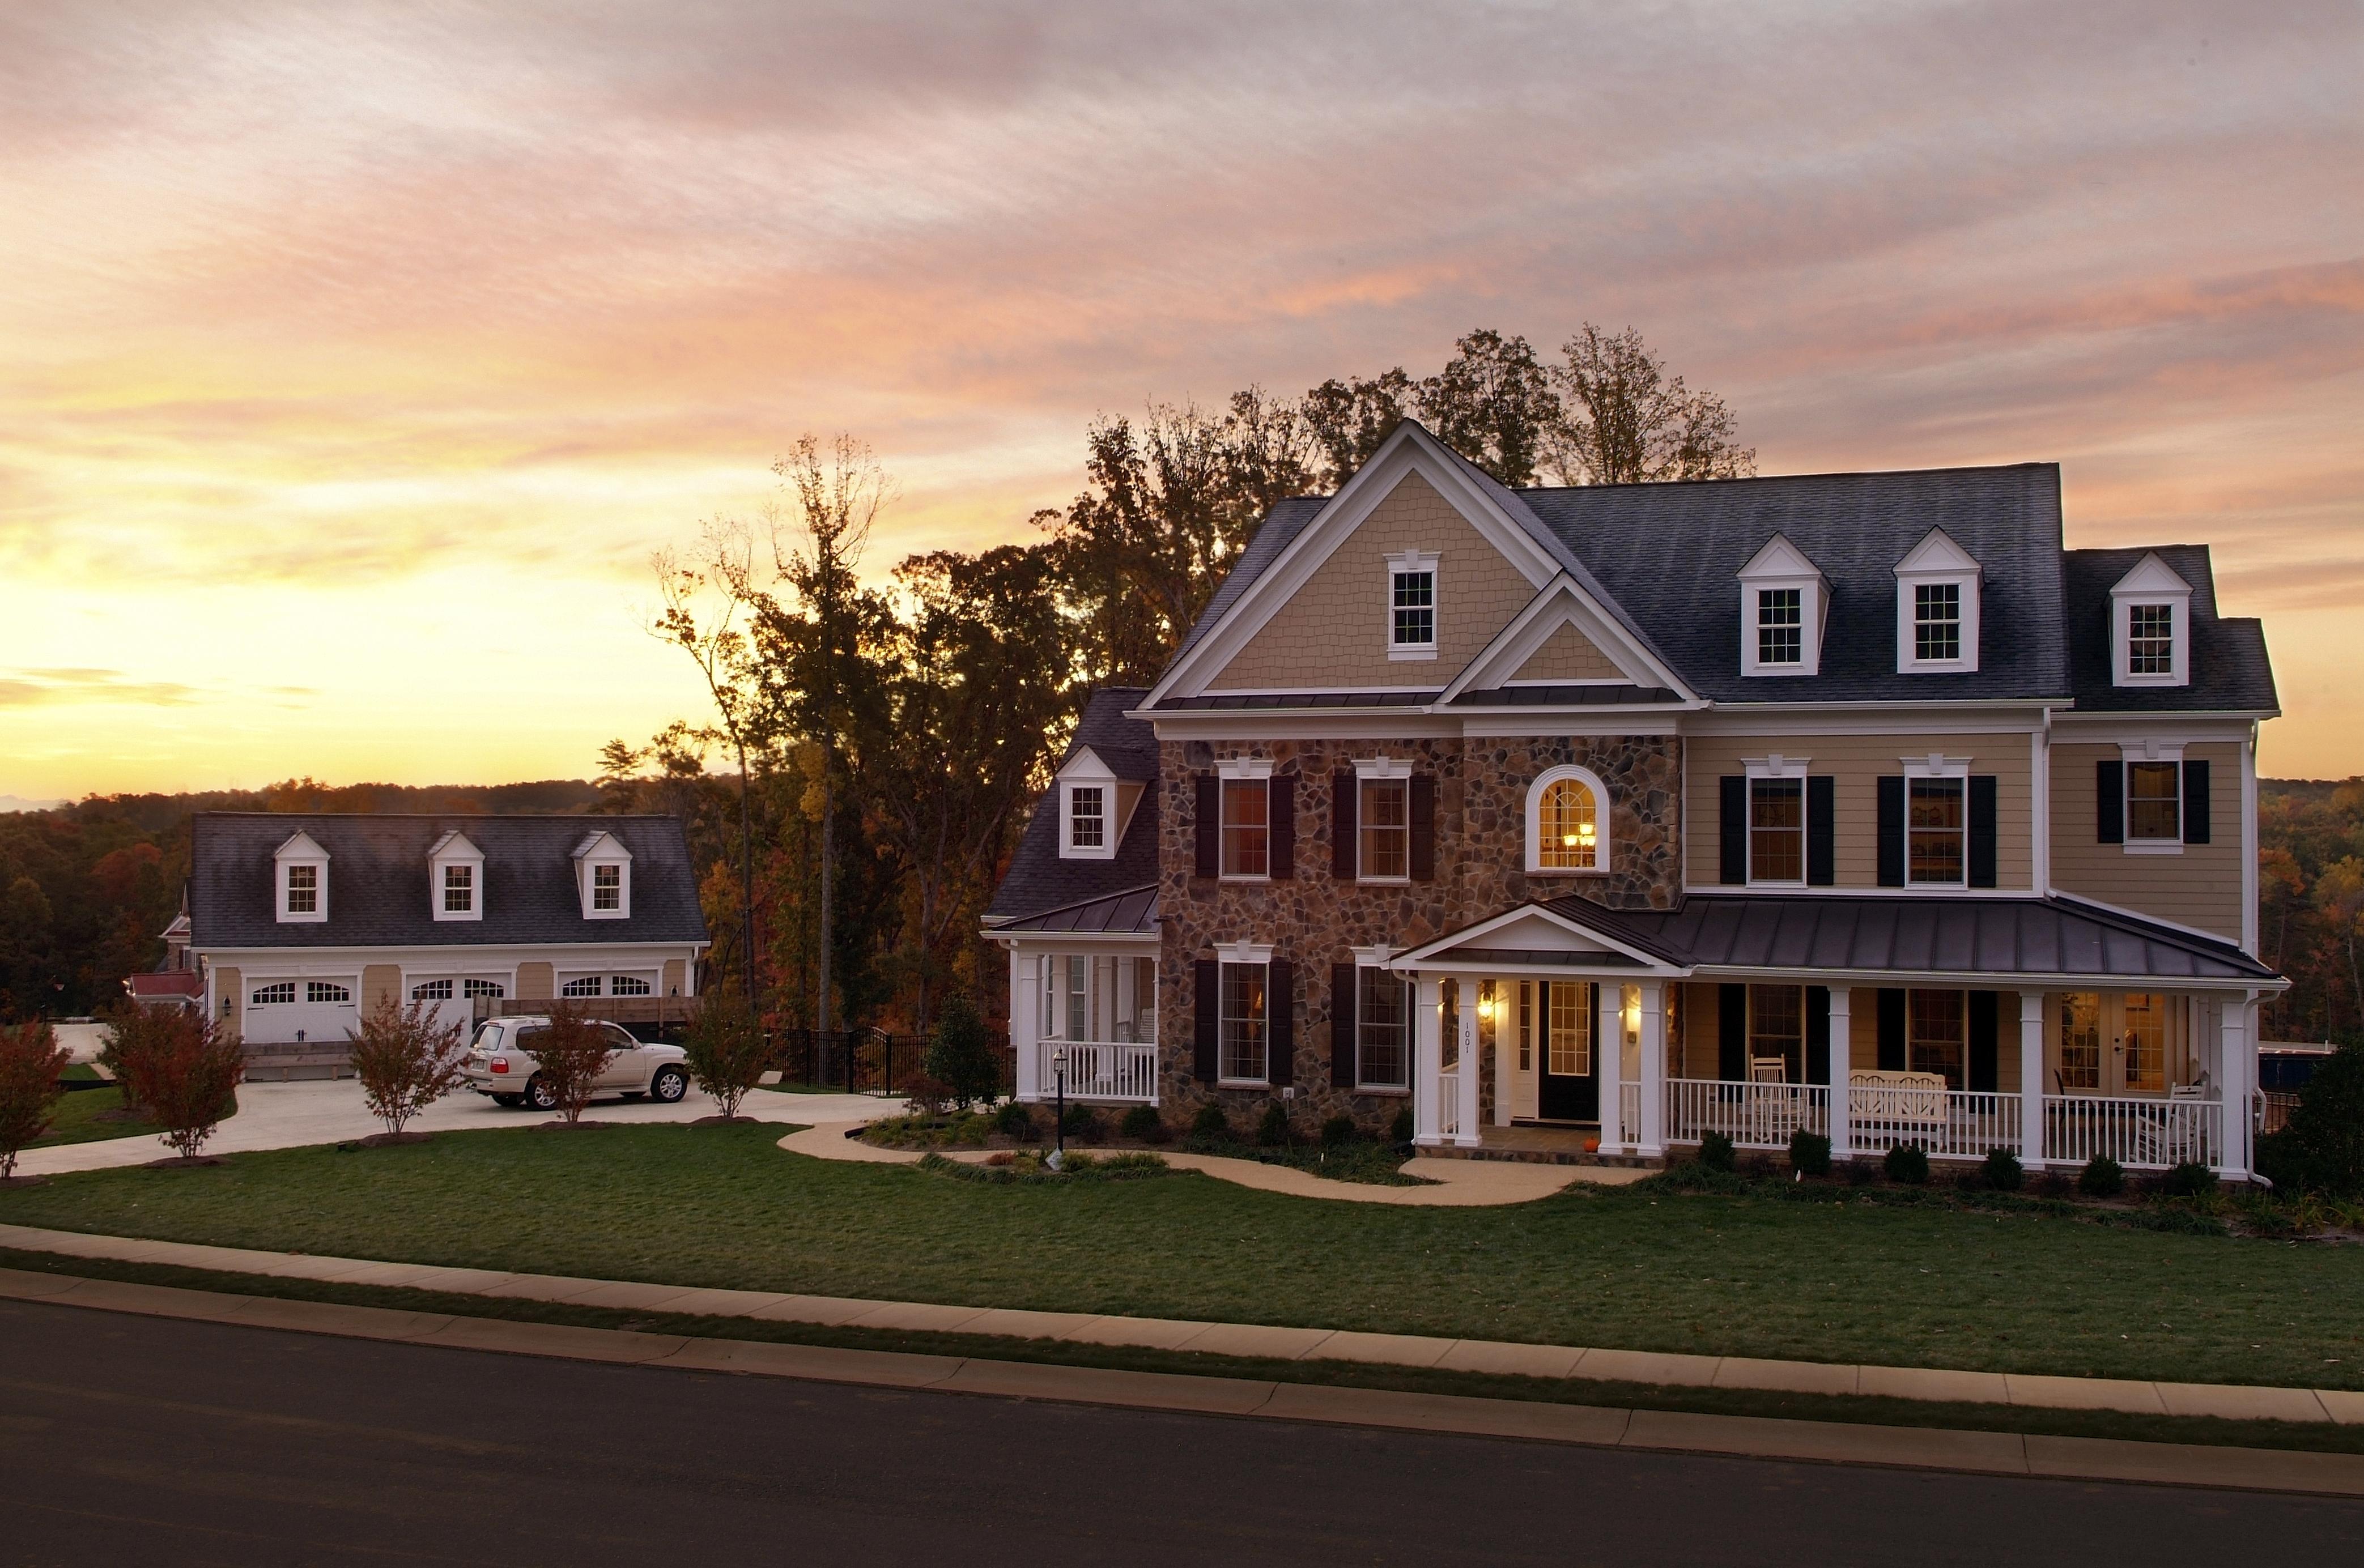 Westbrooke Homes  reviews | Home Builder at 7989 Kings Highway - King George VA